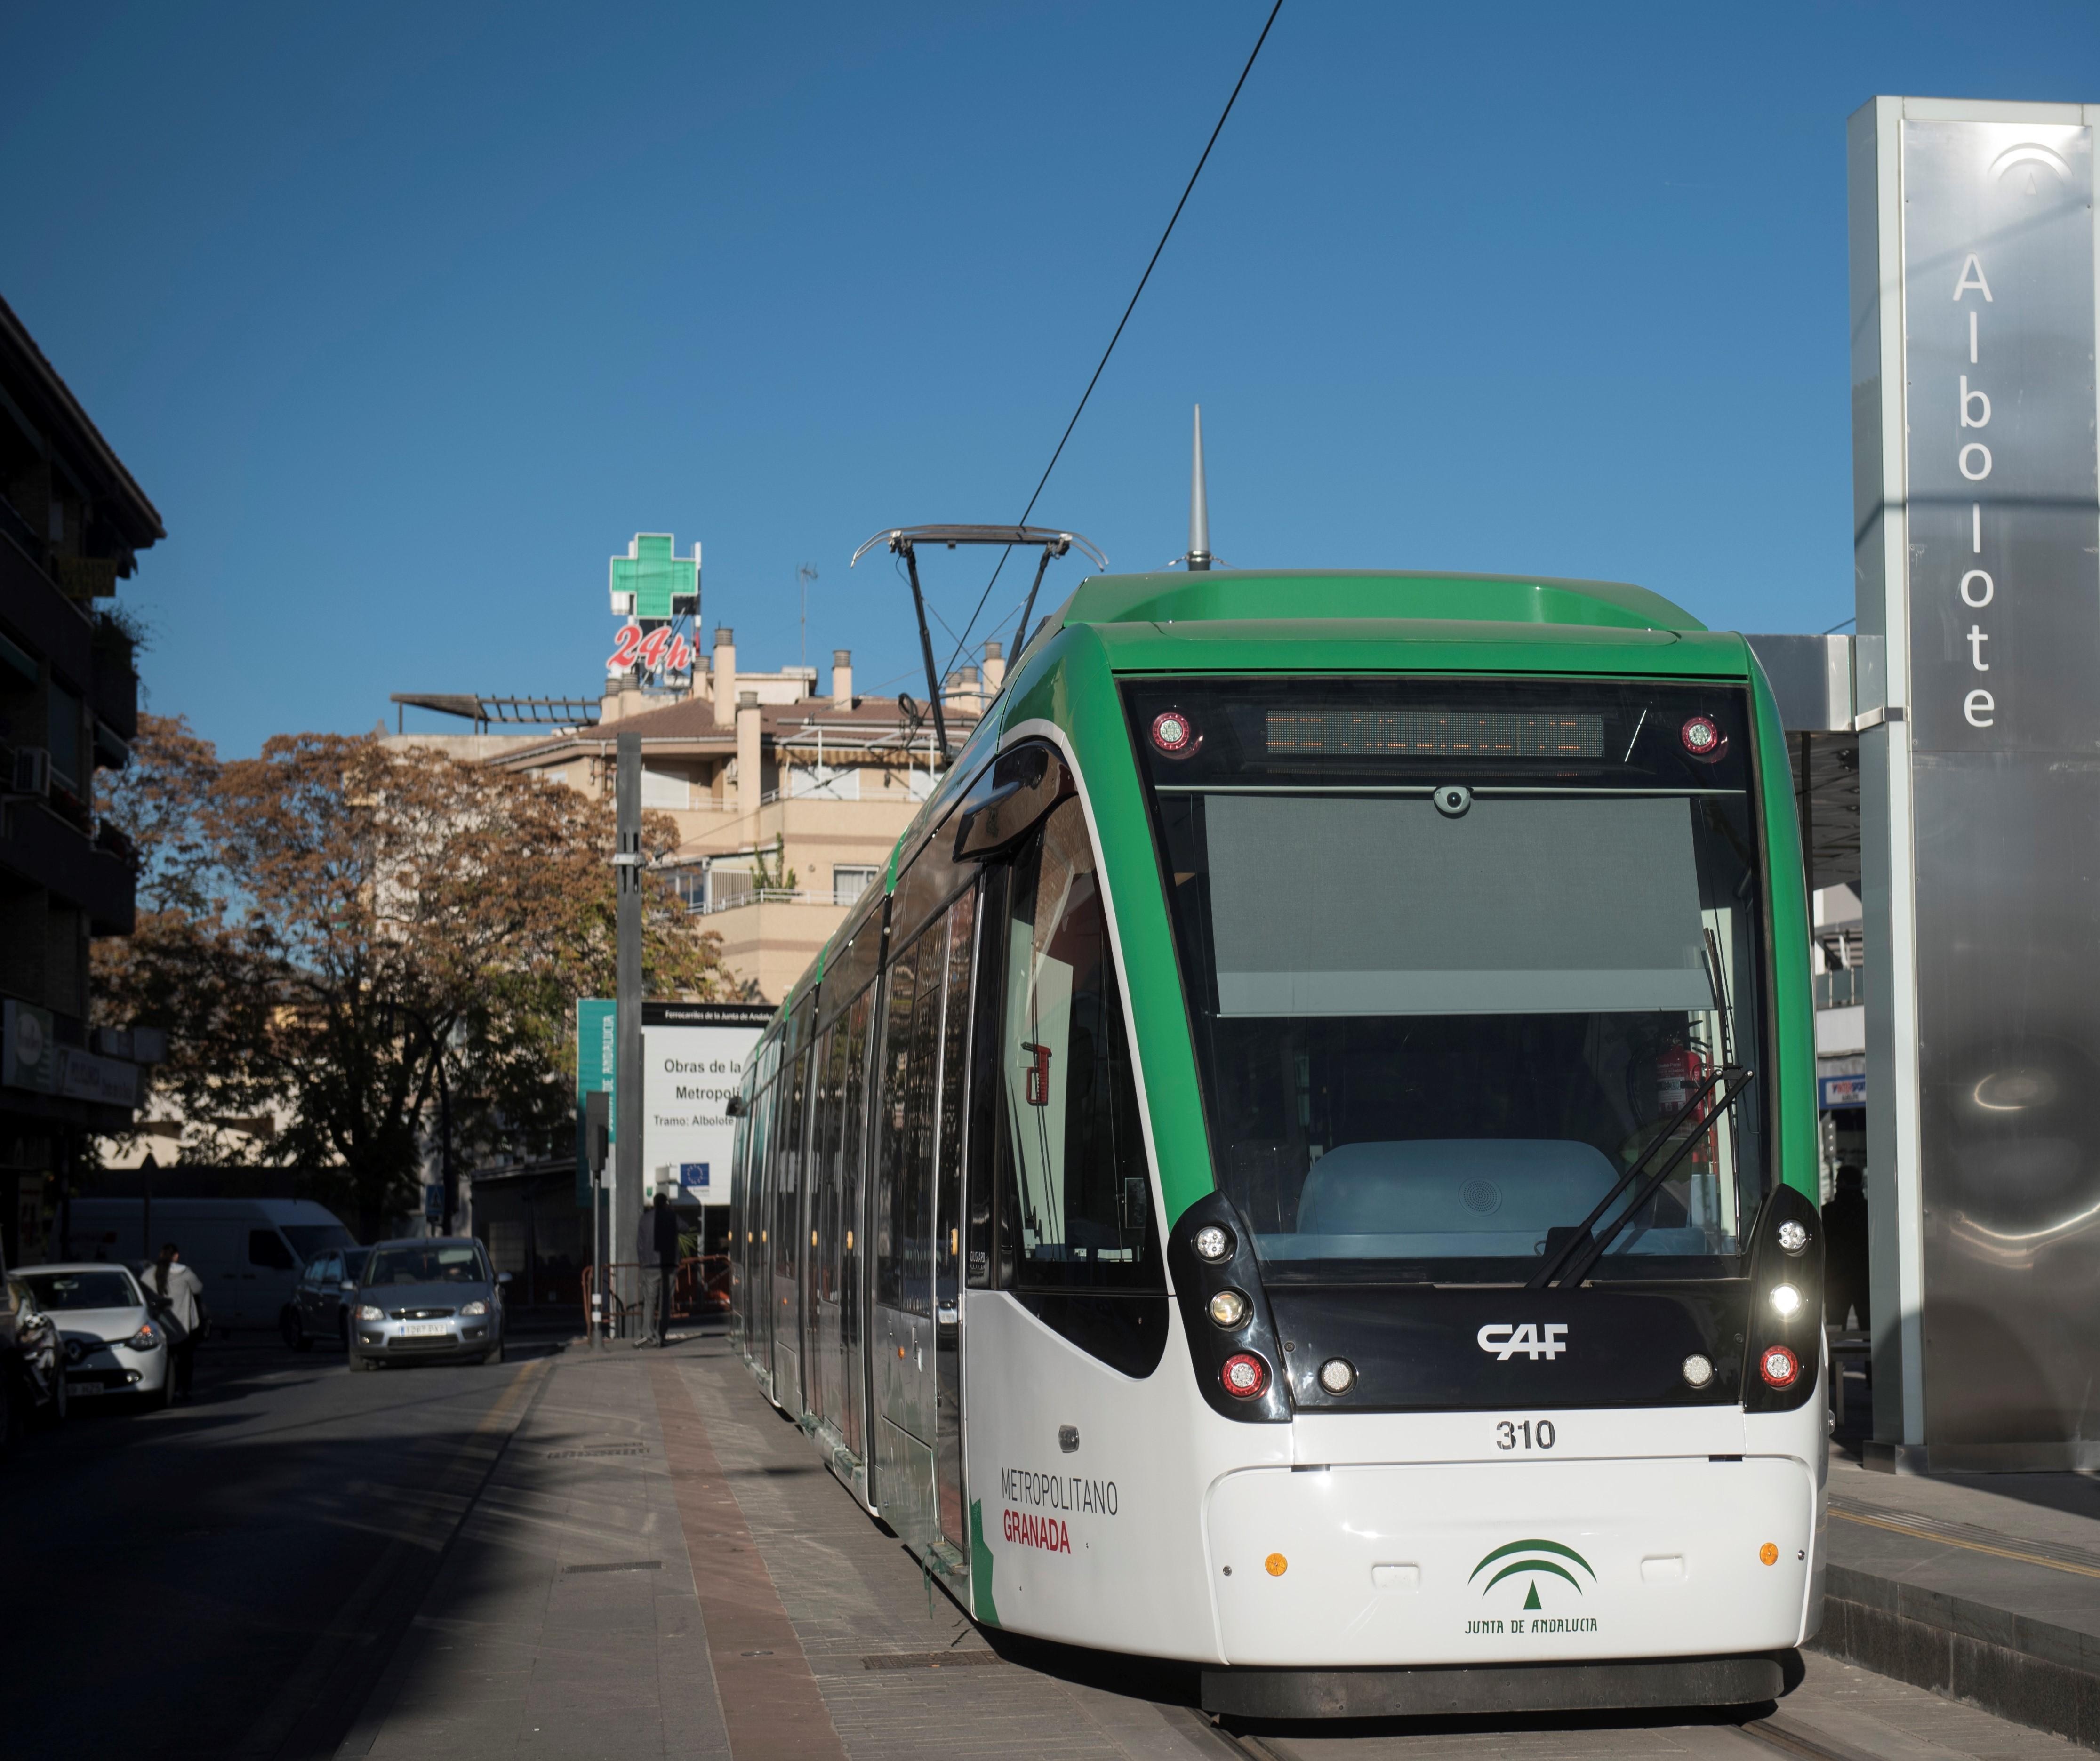 La Junta adjudica el proyecto de la prolongación Norte del Metro de Granada por 786.464 euros